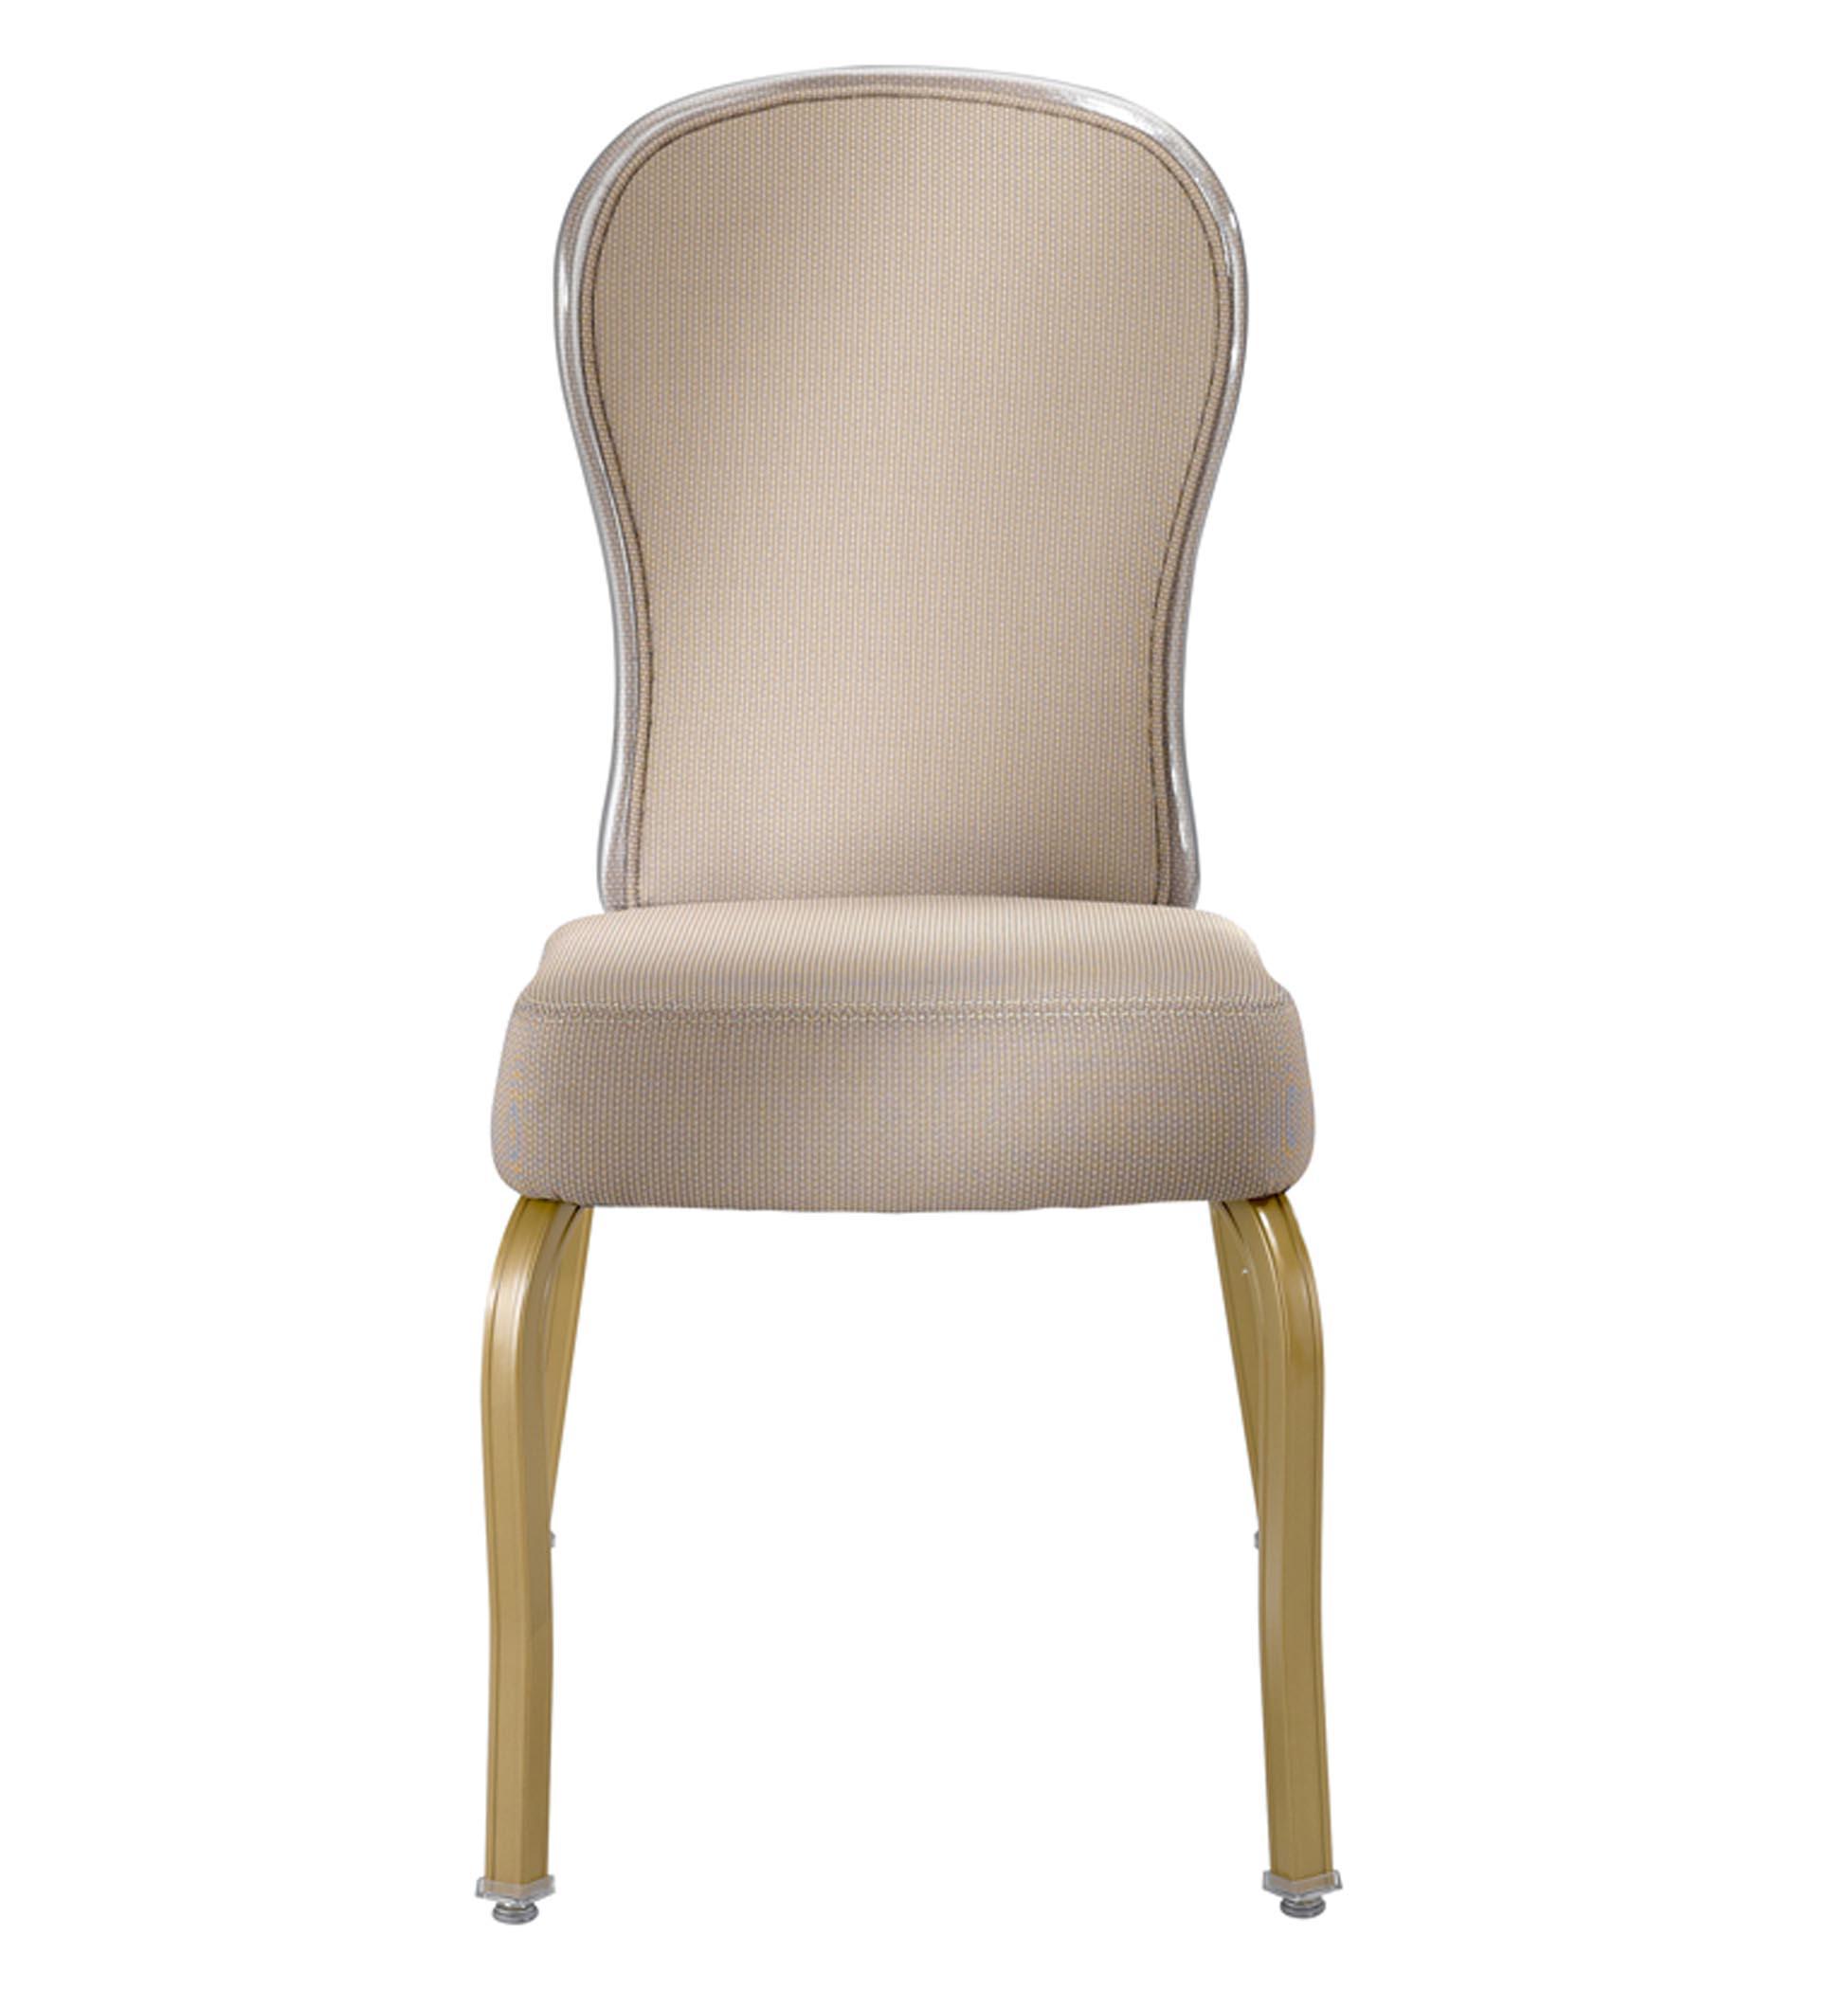 8129 Aluminum Banquet Chair